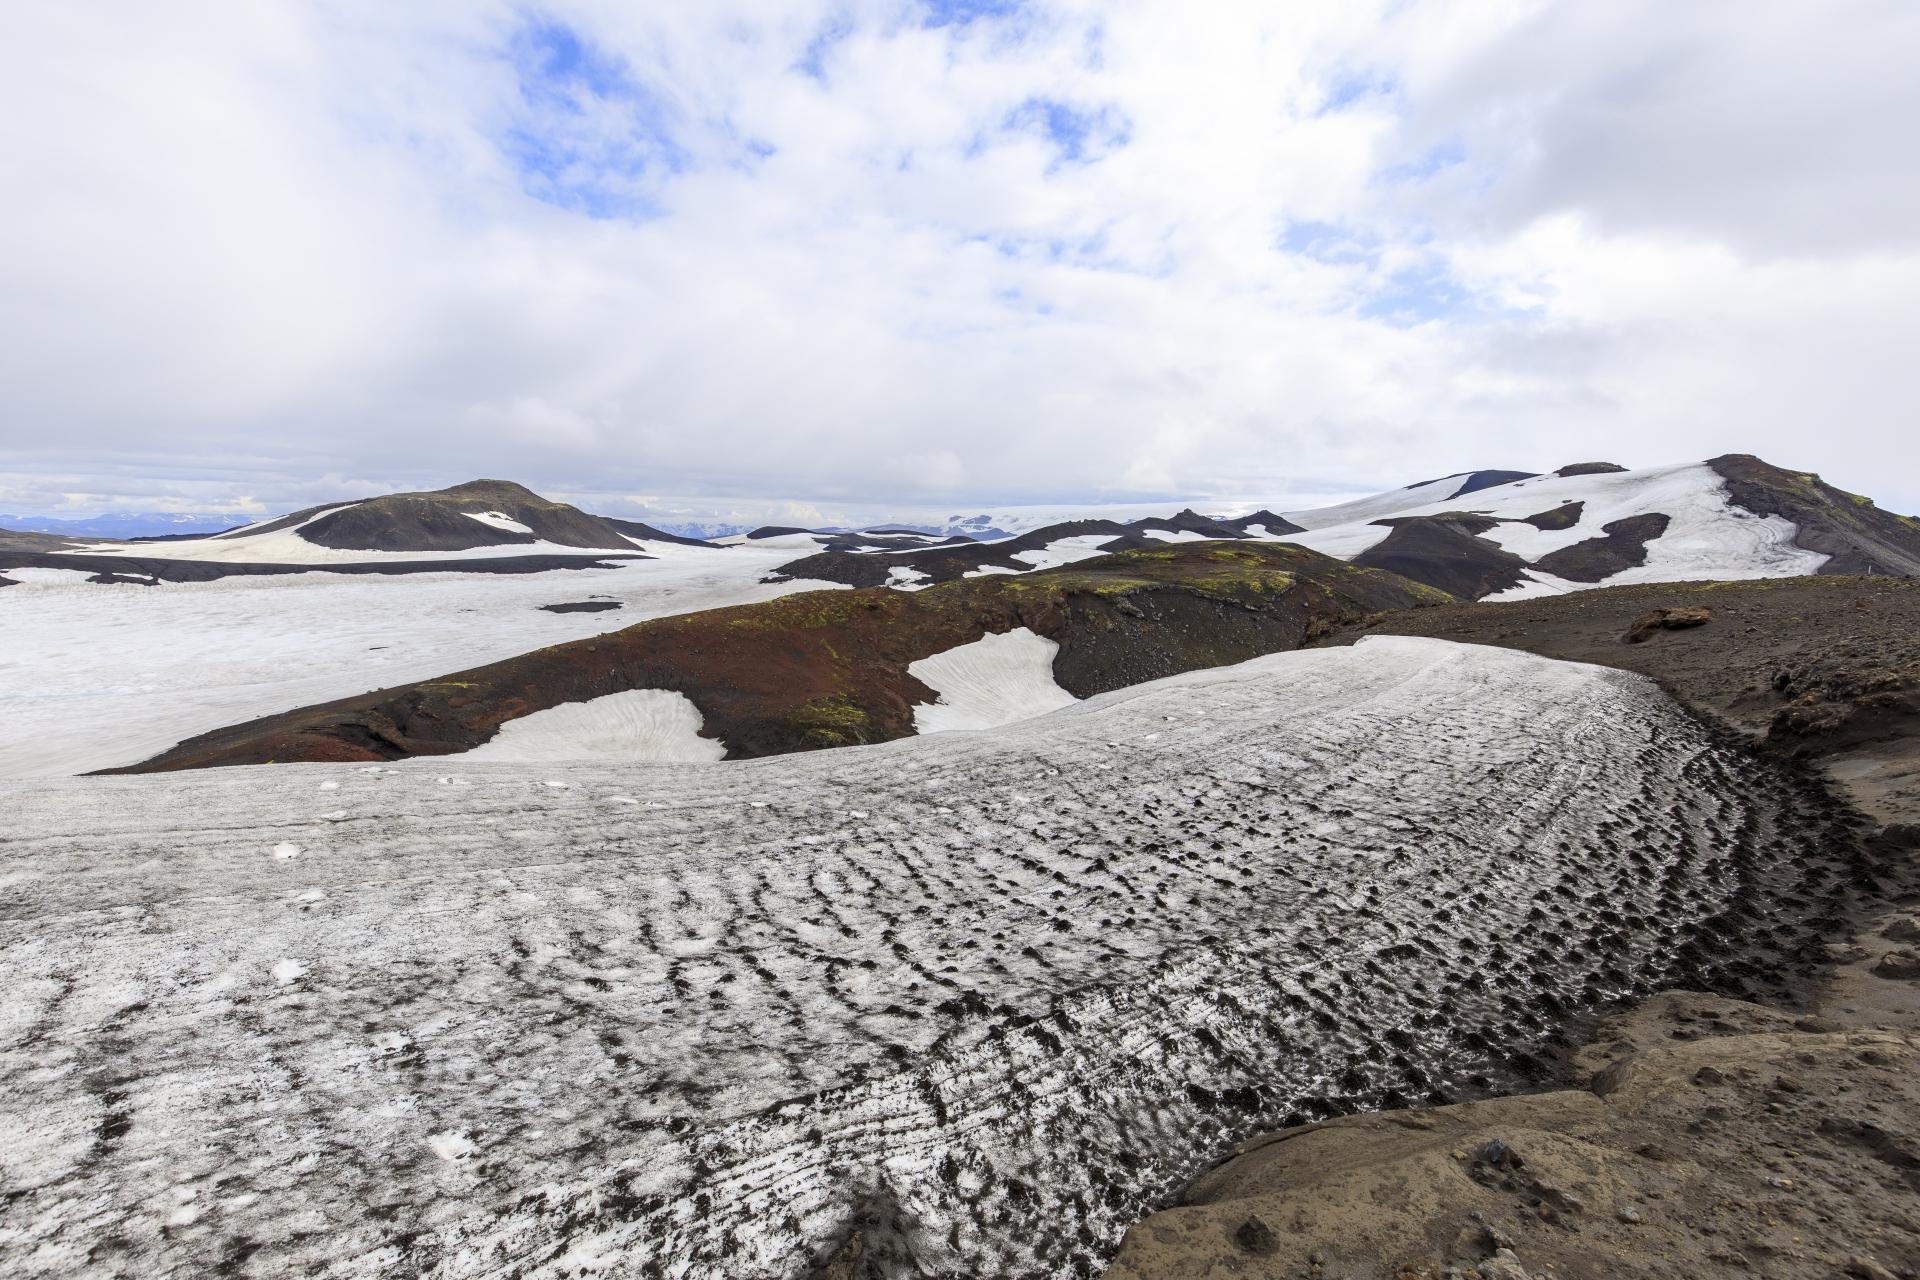 Abstieg von der Fimmvörðuskáli in die Þórsmörk